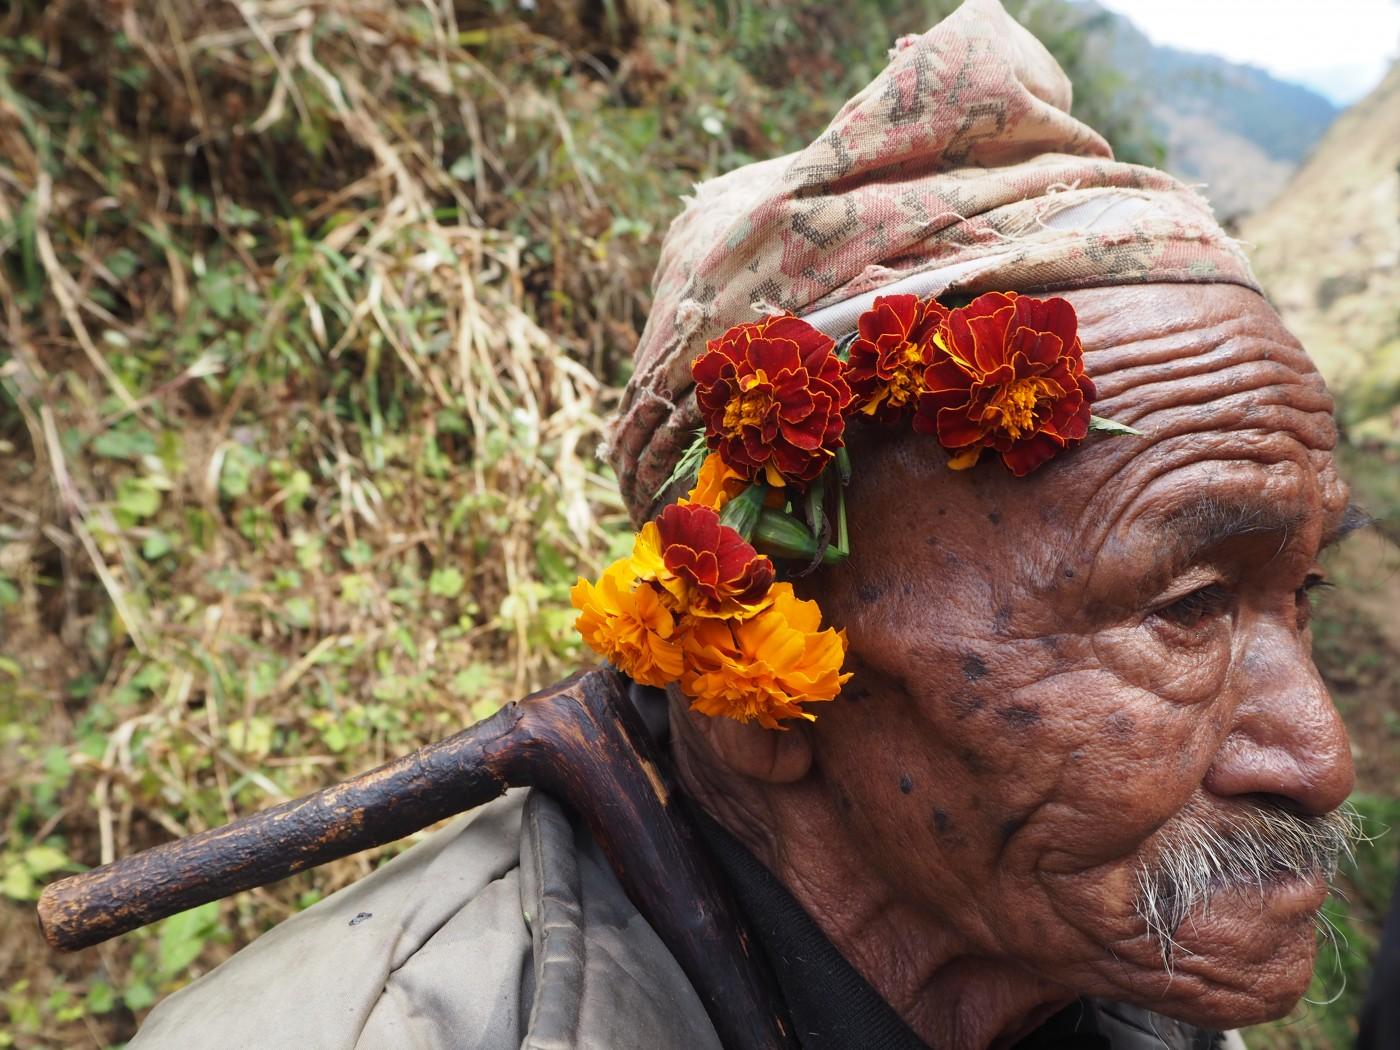 Man from Rukum -- Jhilke Buda